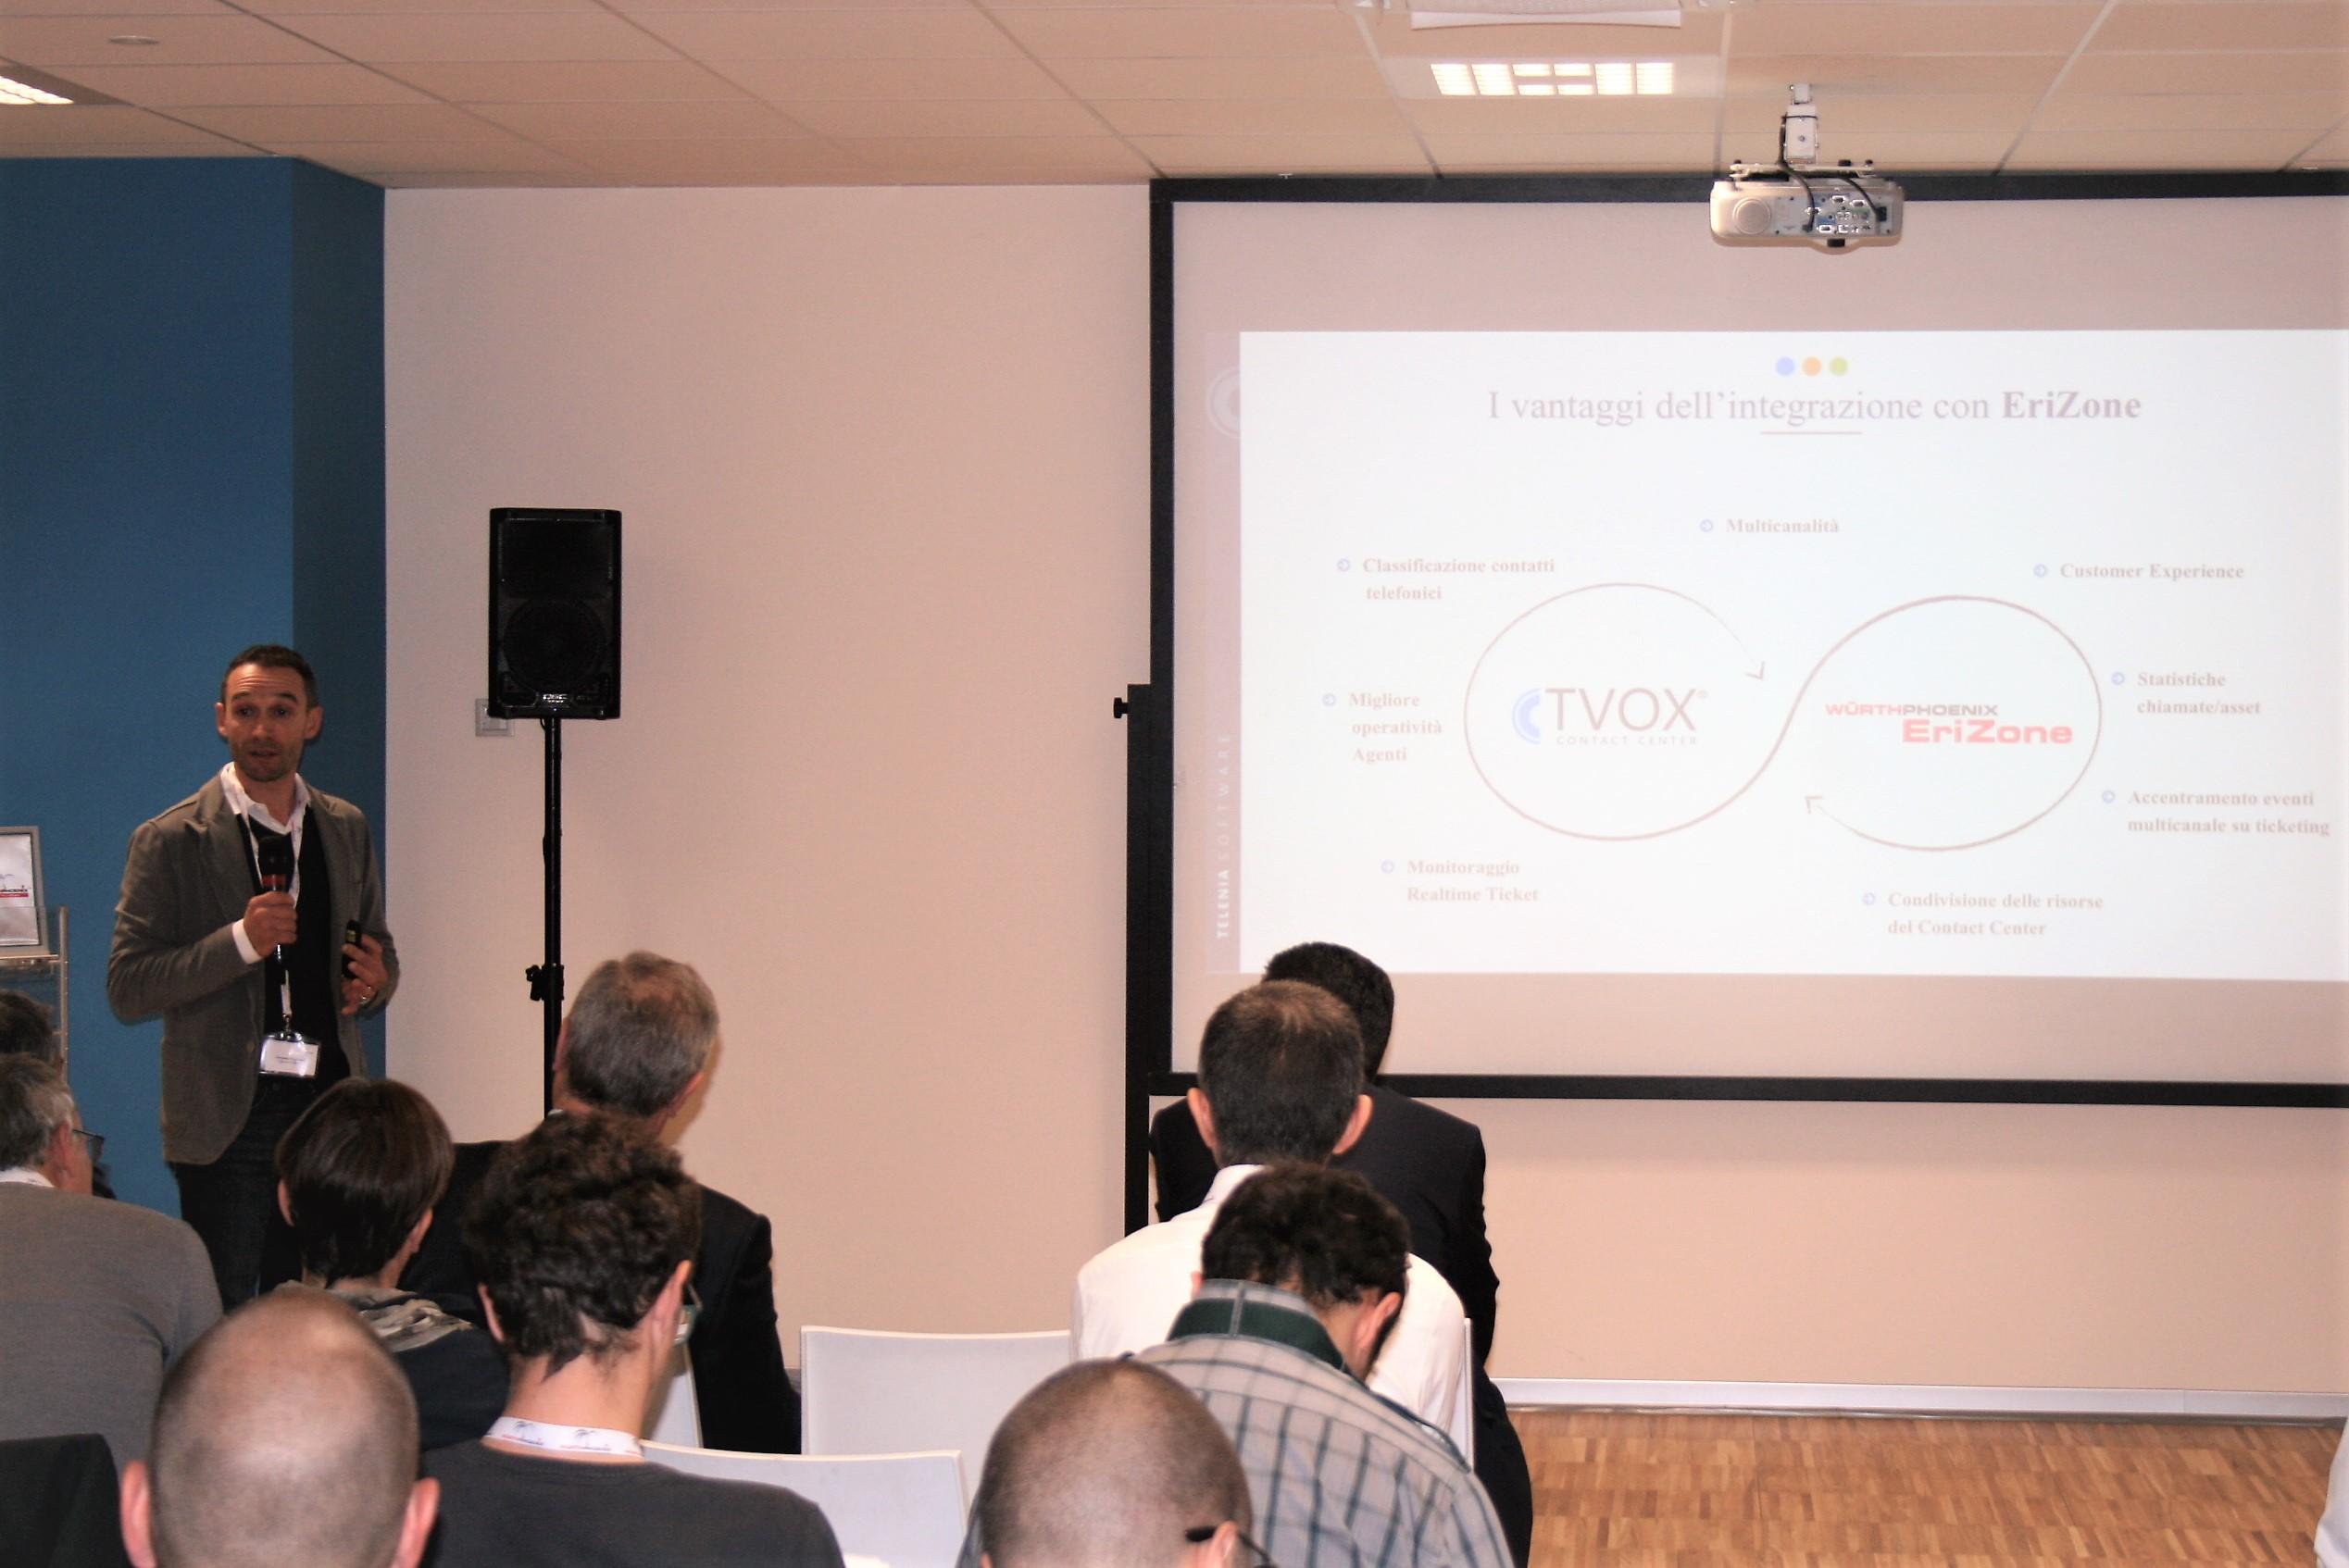 L'integrazione del sistema VOIP di Telenia con EriZone, presentata da Christian Tregnaghi